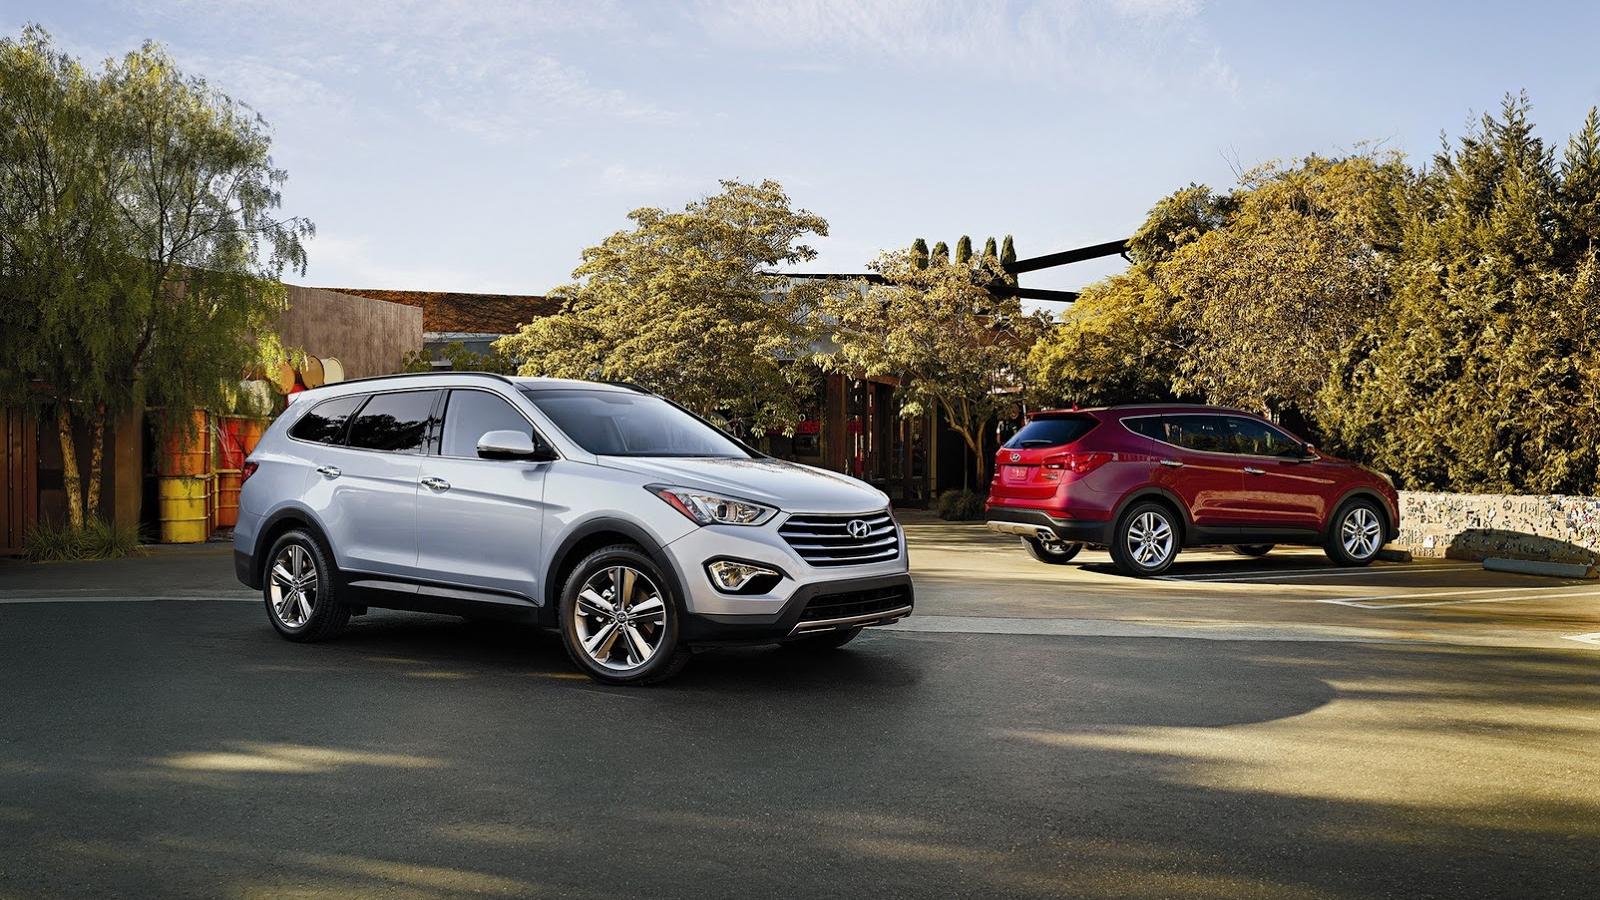 Hyundai và Kia triệu hồi gần 600.000 ô tô do nguy cơ cháy nổ